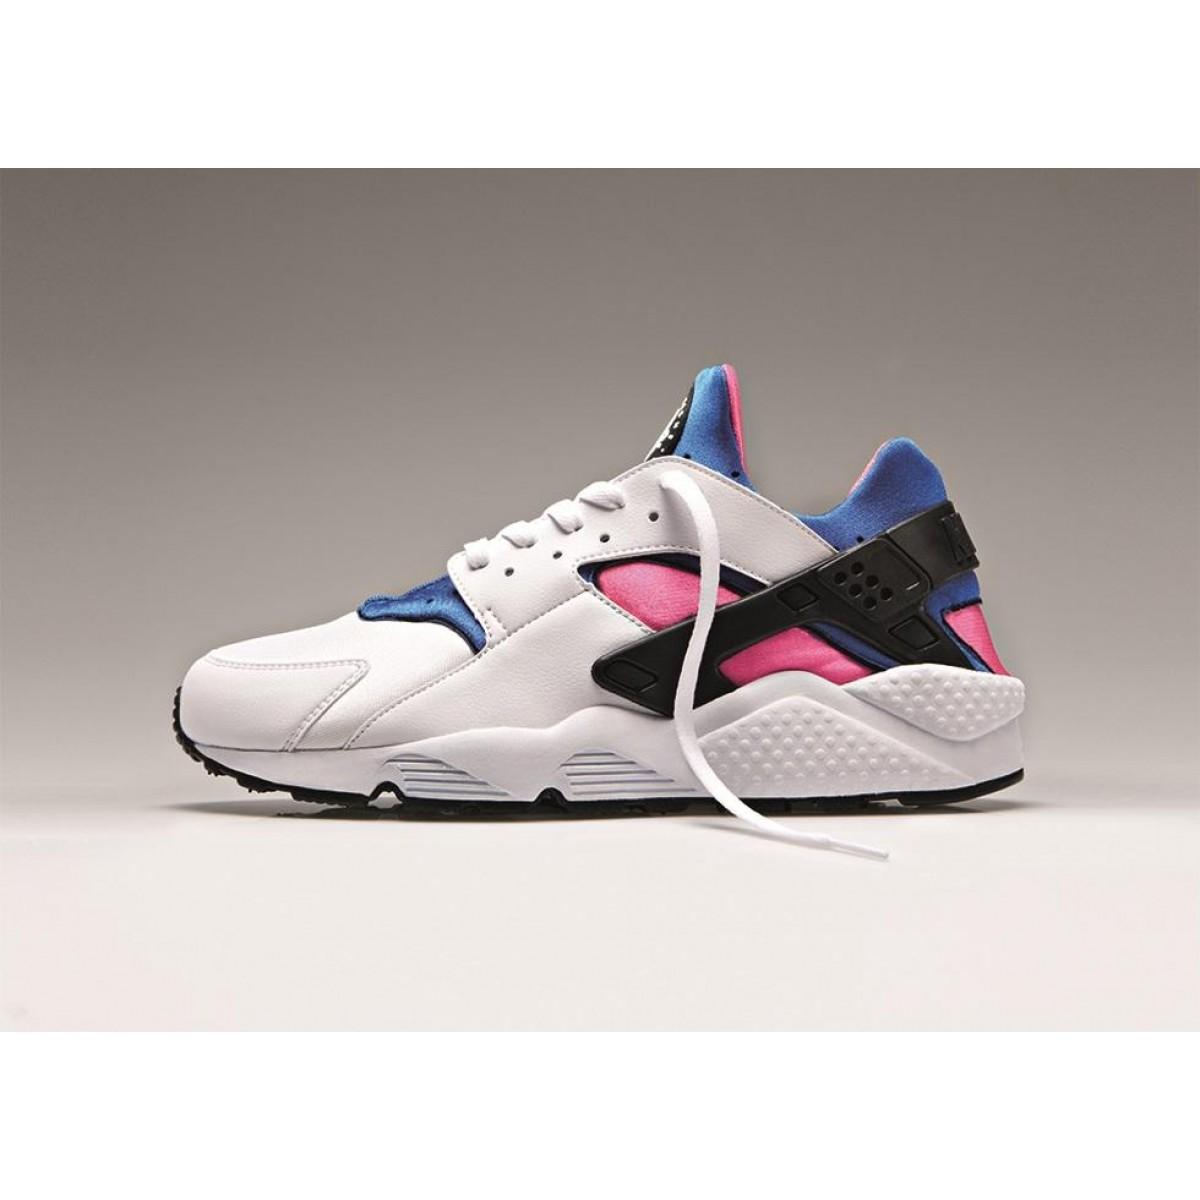 Achat   Vente produits Nike Air Huarache Femme,Nike Air Huarache Femme Pas  Cher  ef87bba3c377